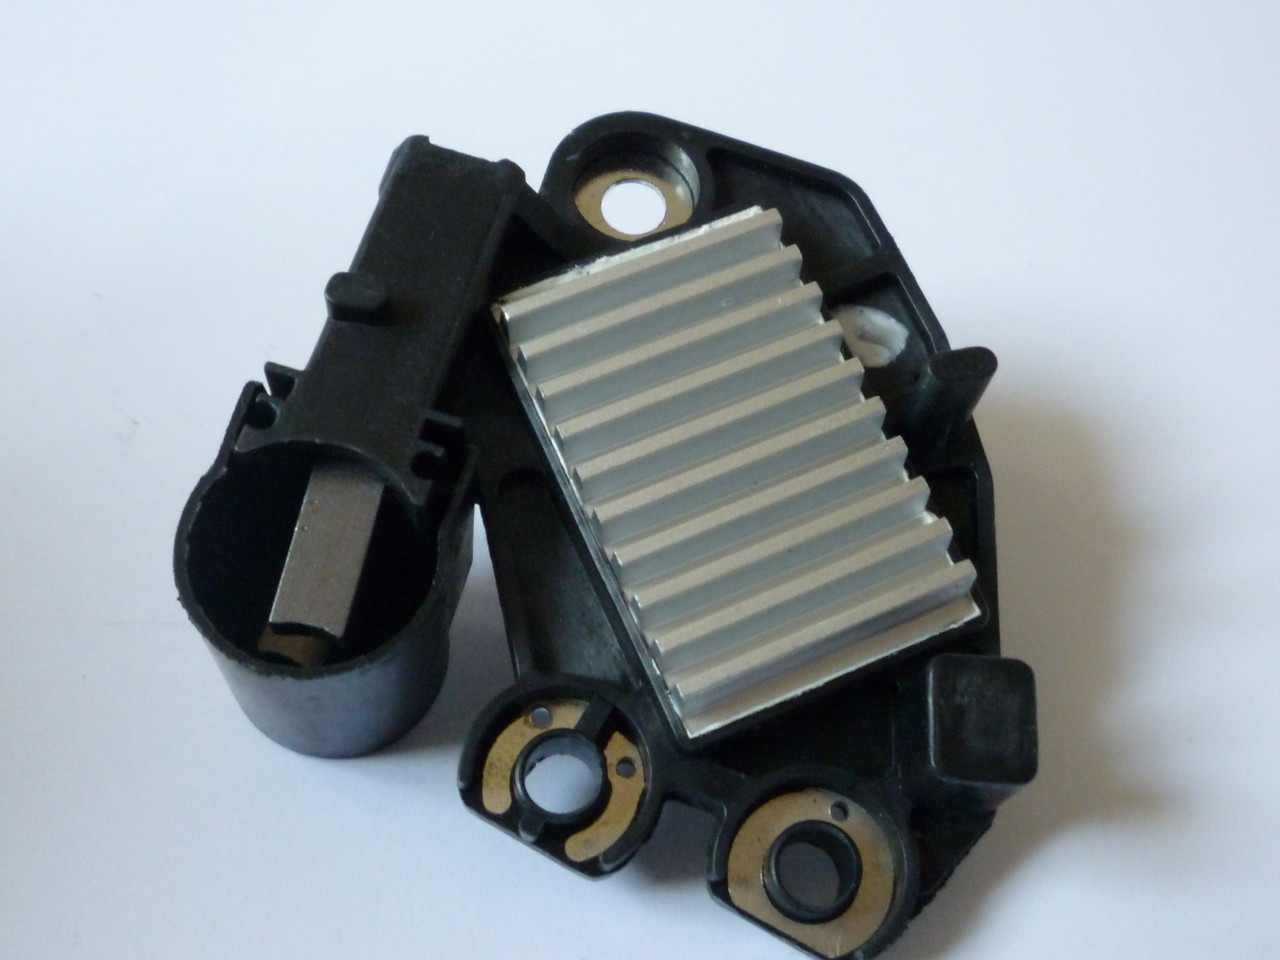 Регулятор напряжения генератора, со щётками на Renault Trafic 1.9dCi с 2001... Lauber (Польша), CQ1010218